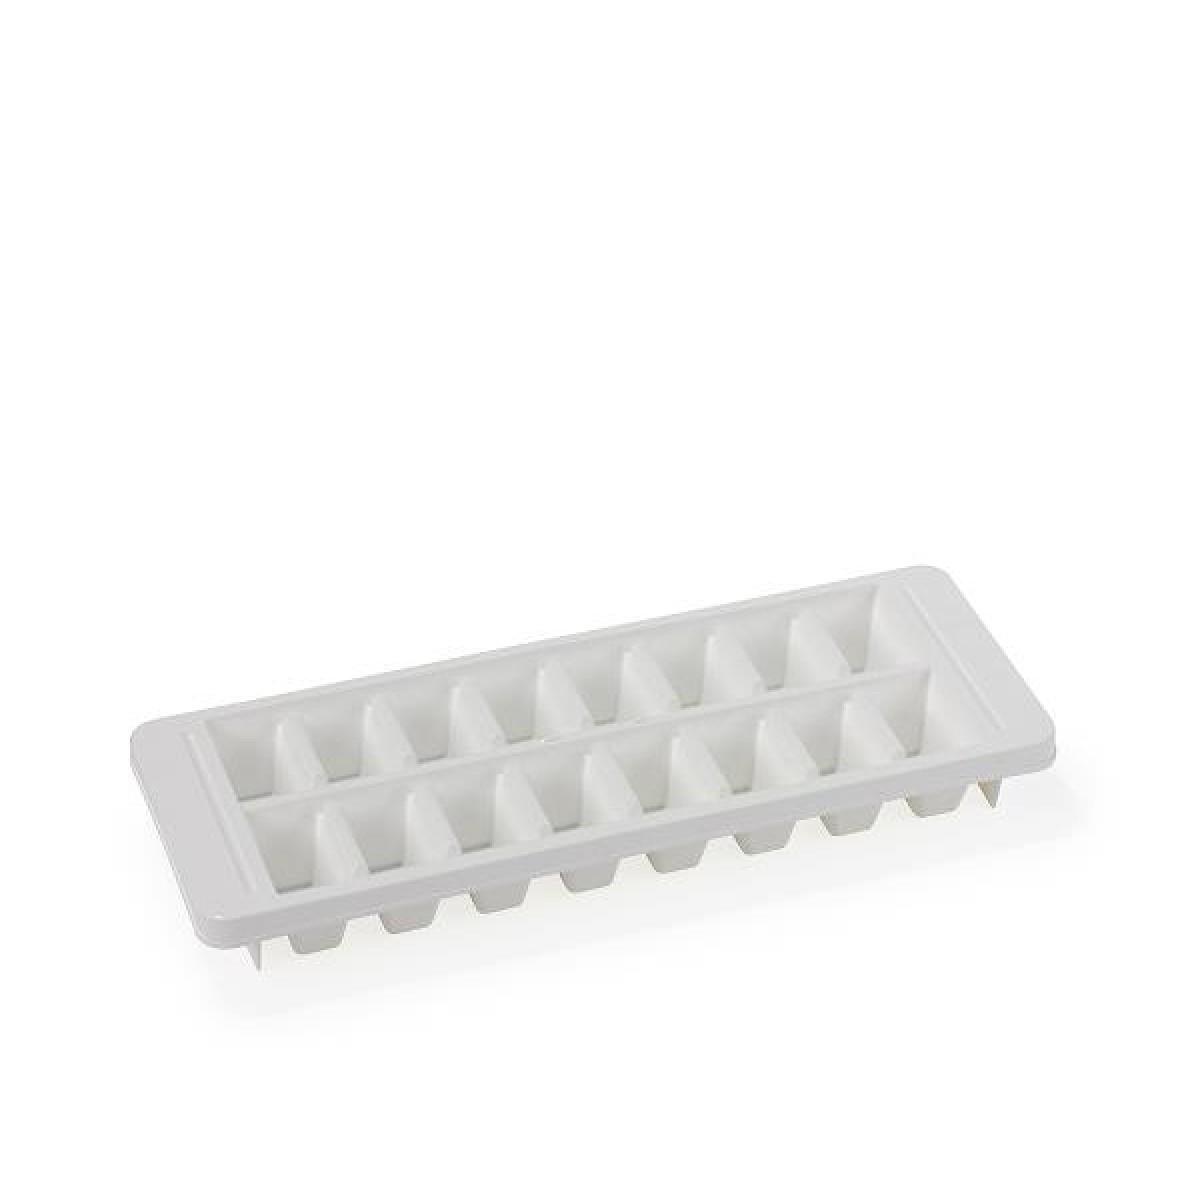 Isterningsbakke i hvid plast